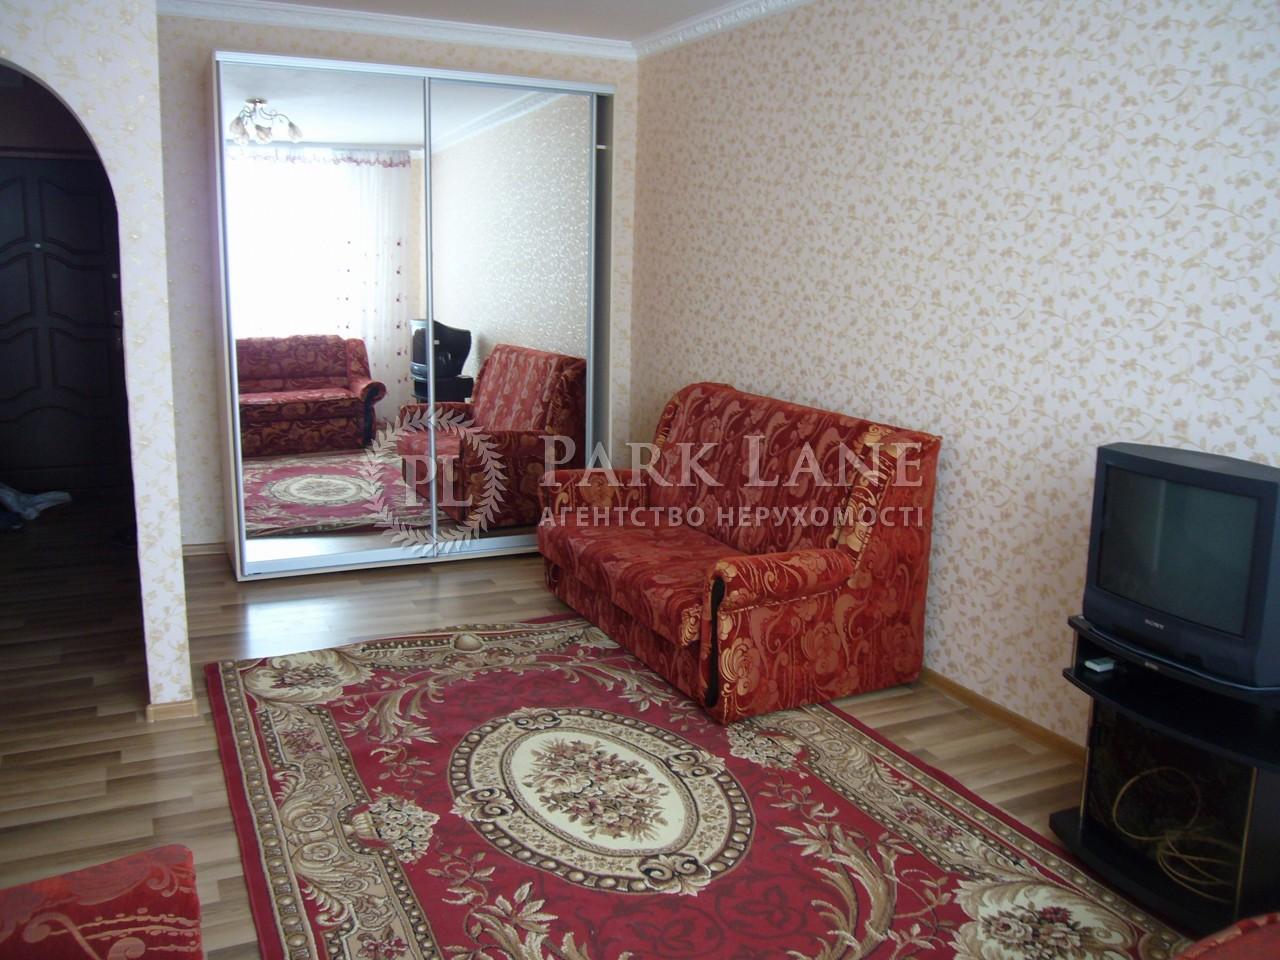 Квартира вул. Чавдар Єлизавети, 11, Київ, R-31683 - Фото 3